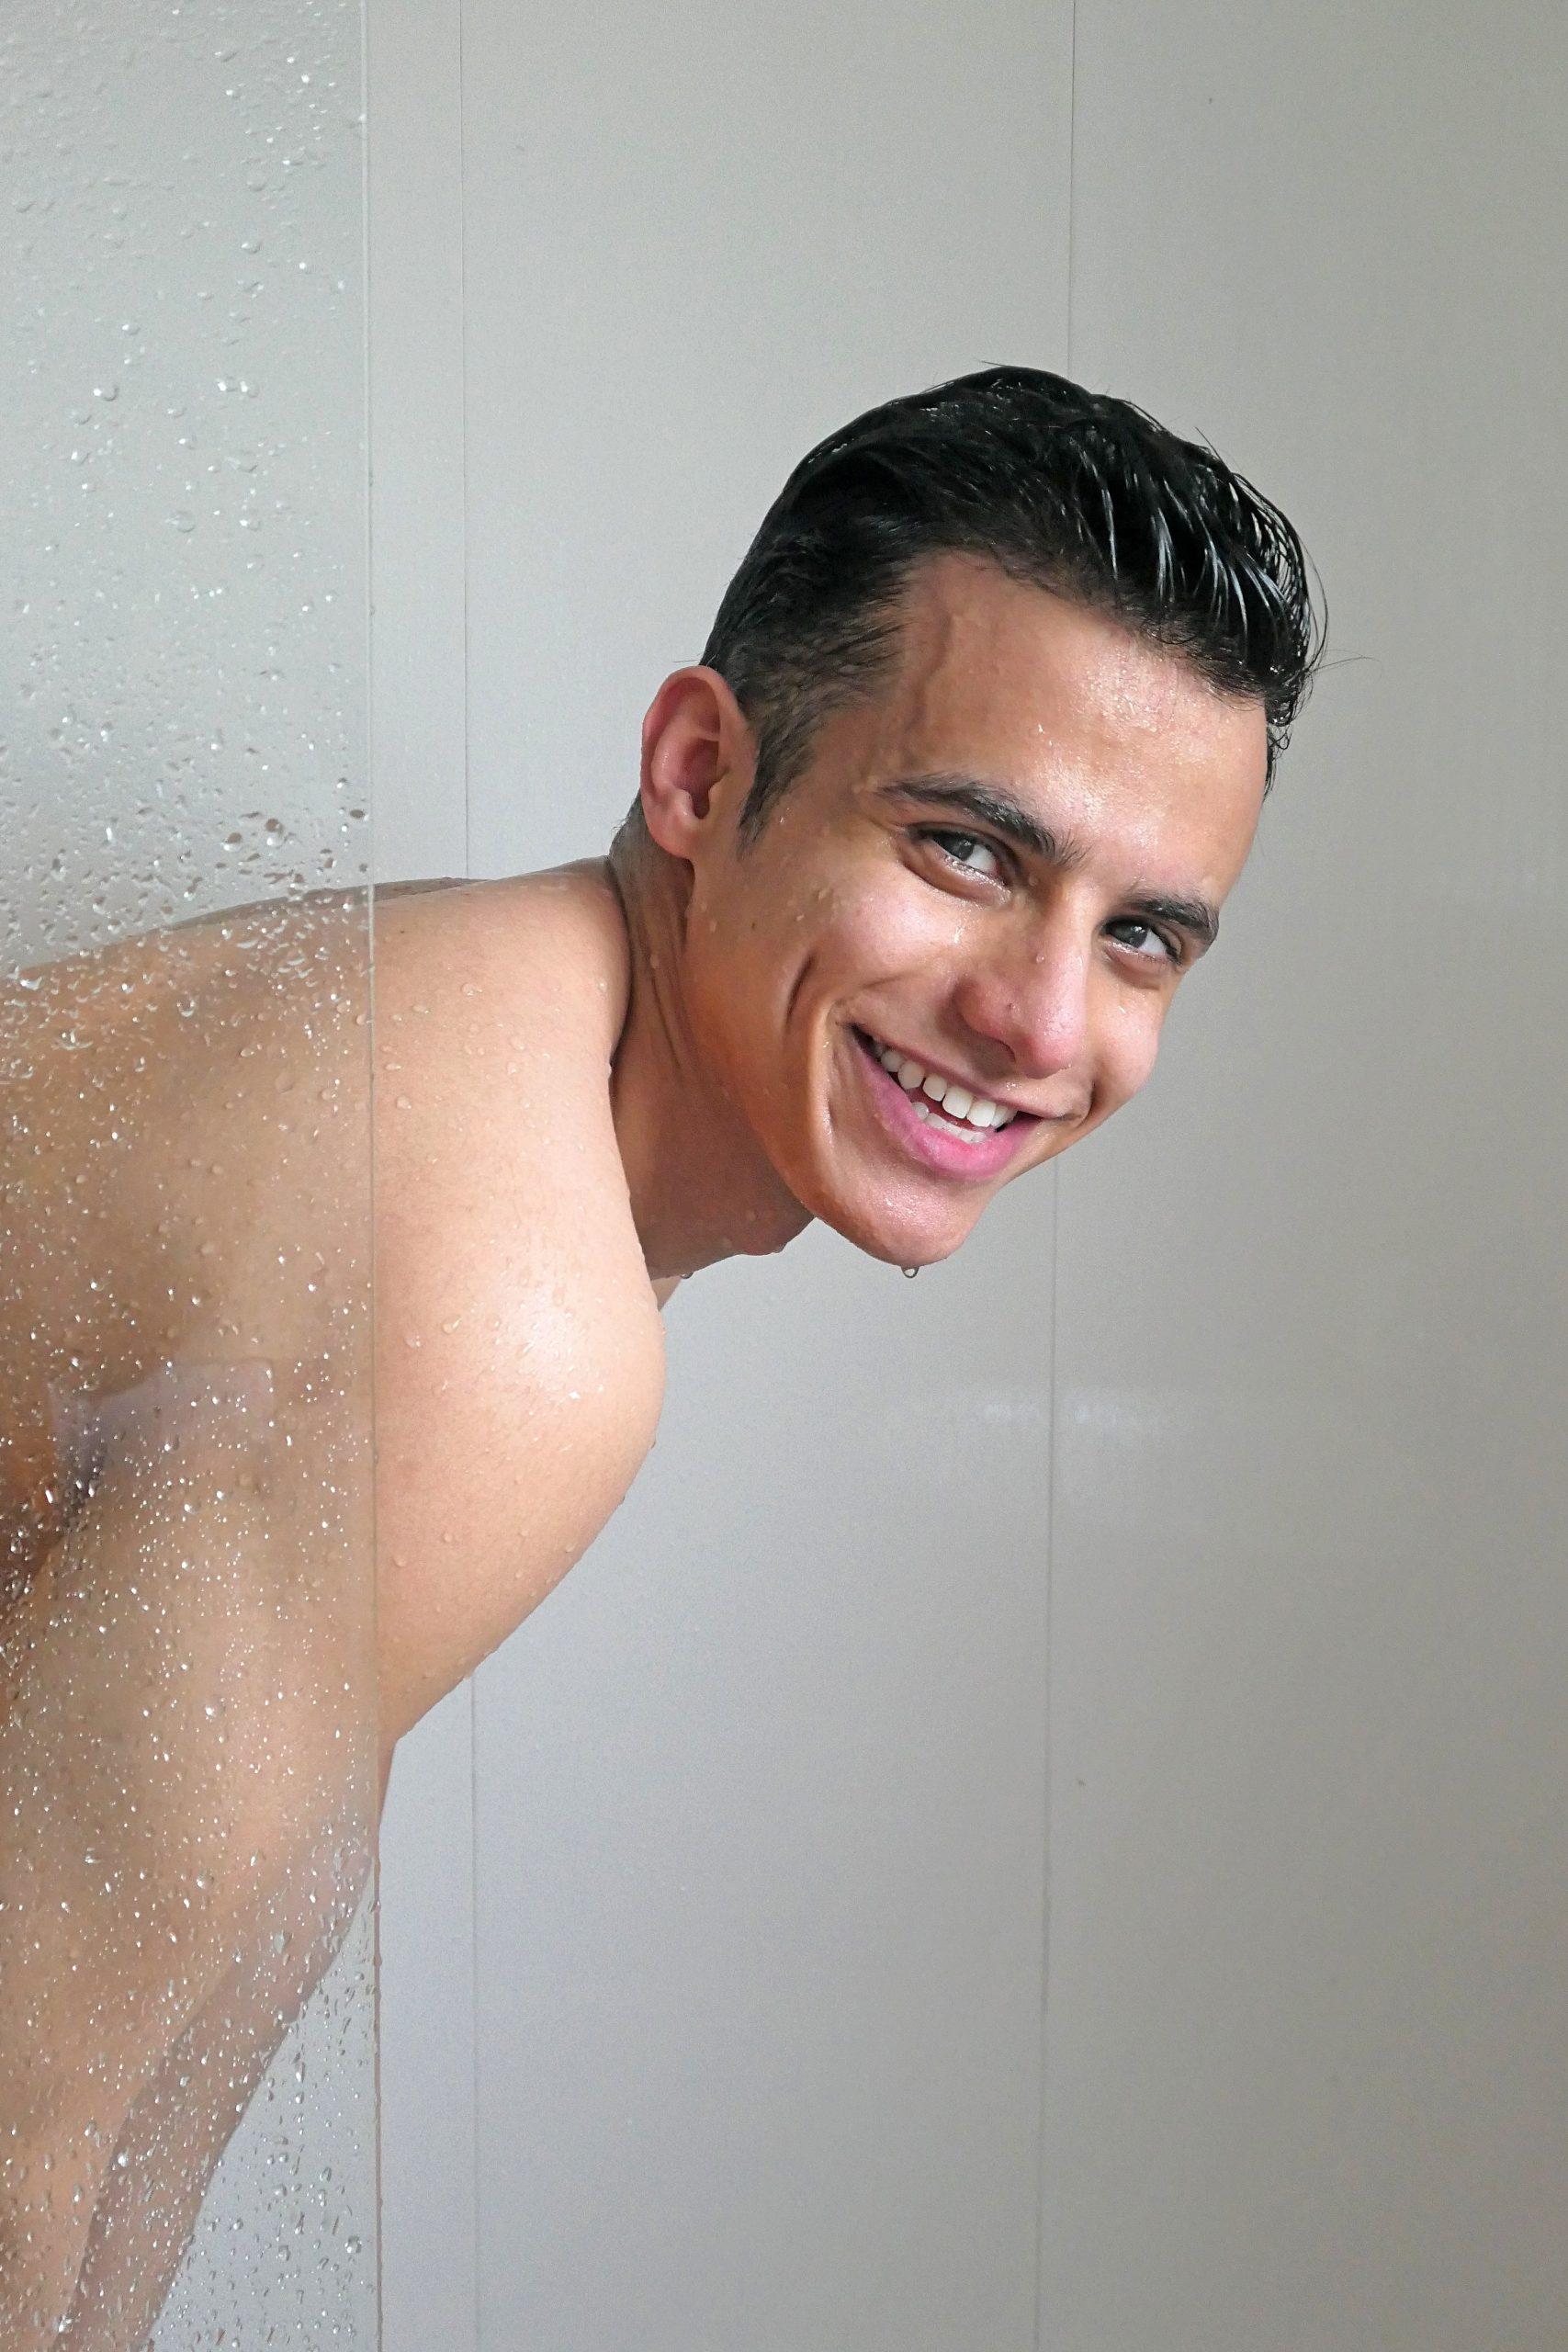 smily man in shower